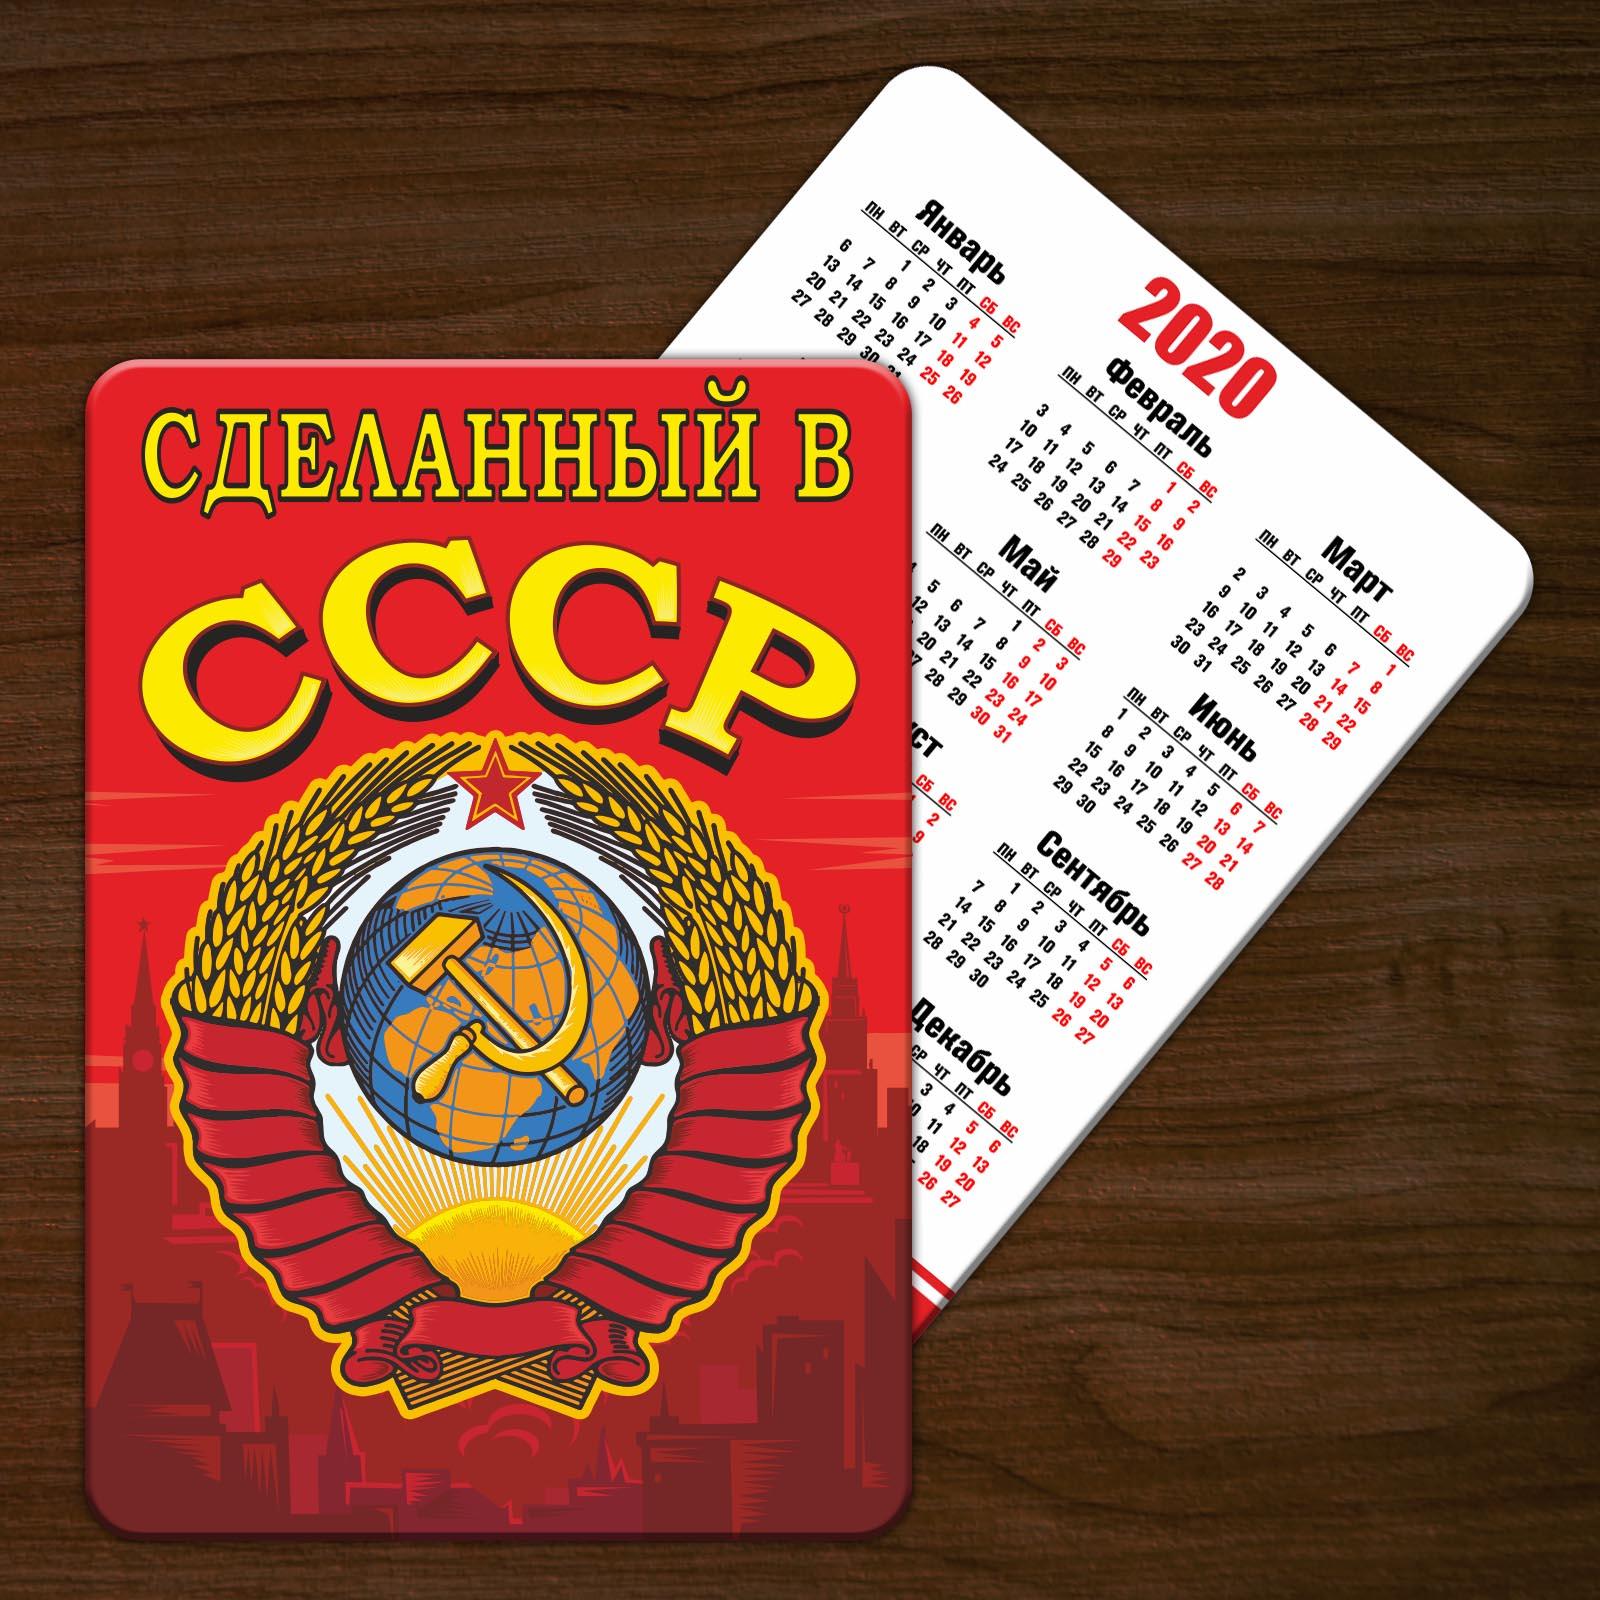 Карманный календарик Сделанный в СССР (2020 год)